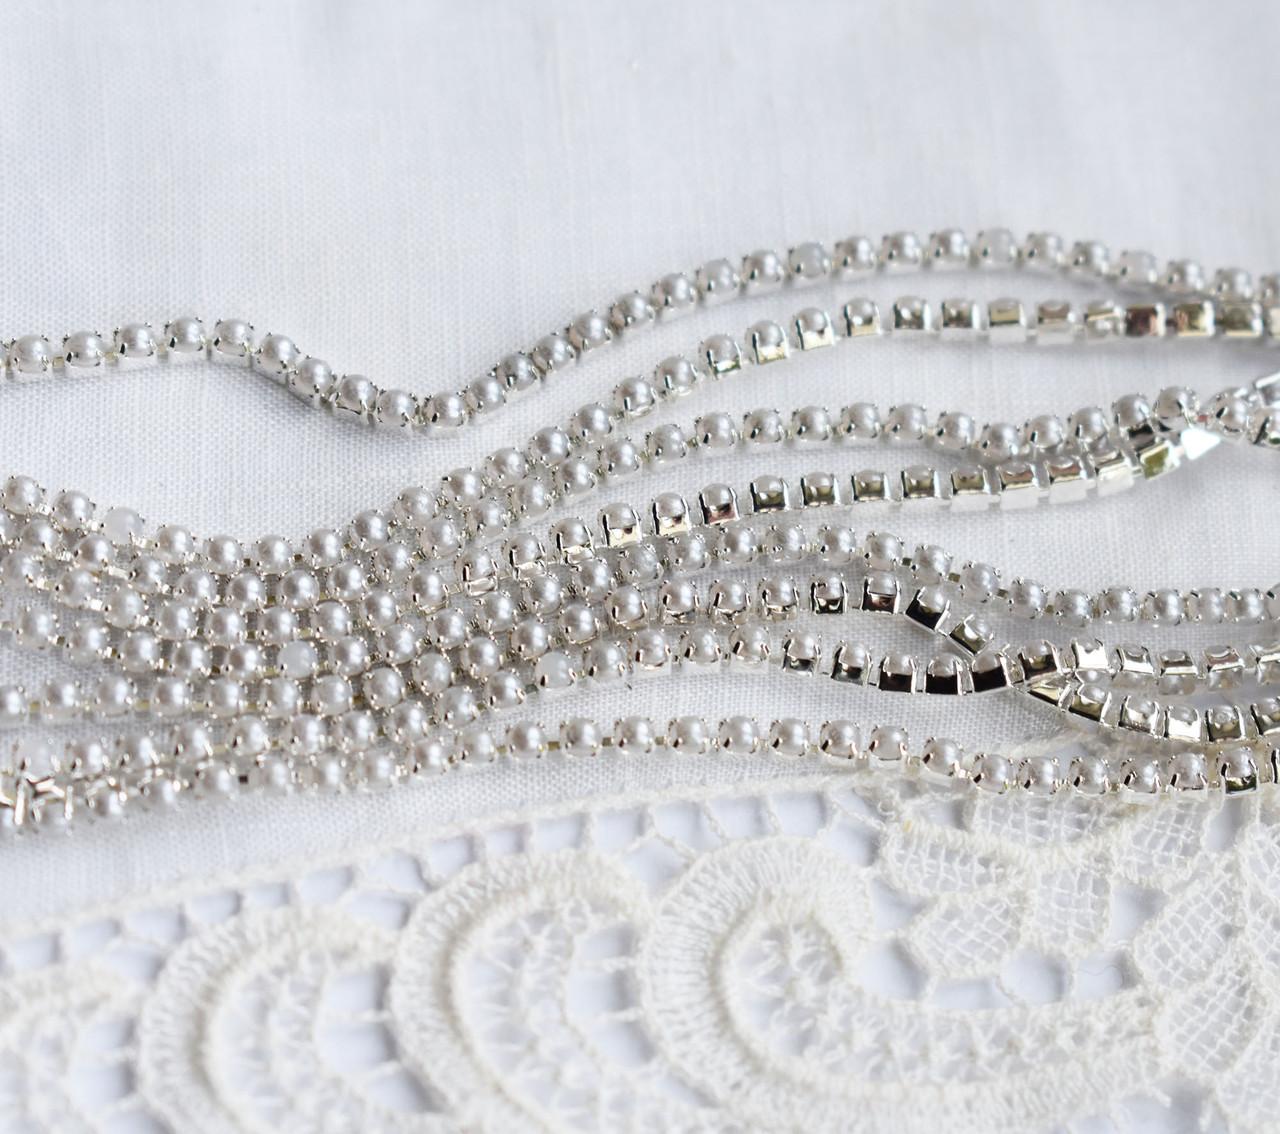 Стразовая цепь 1.5 мм, жемчужная бледно-серая \ серебро, 10 см